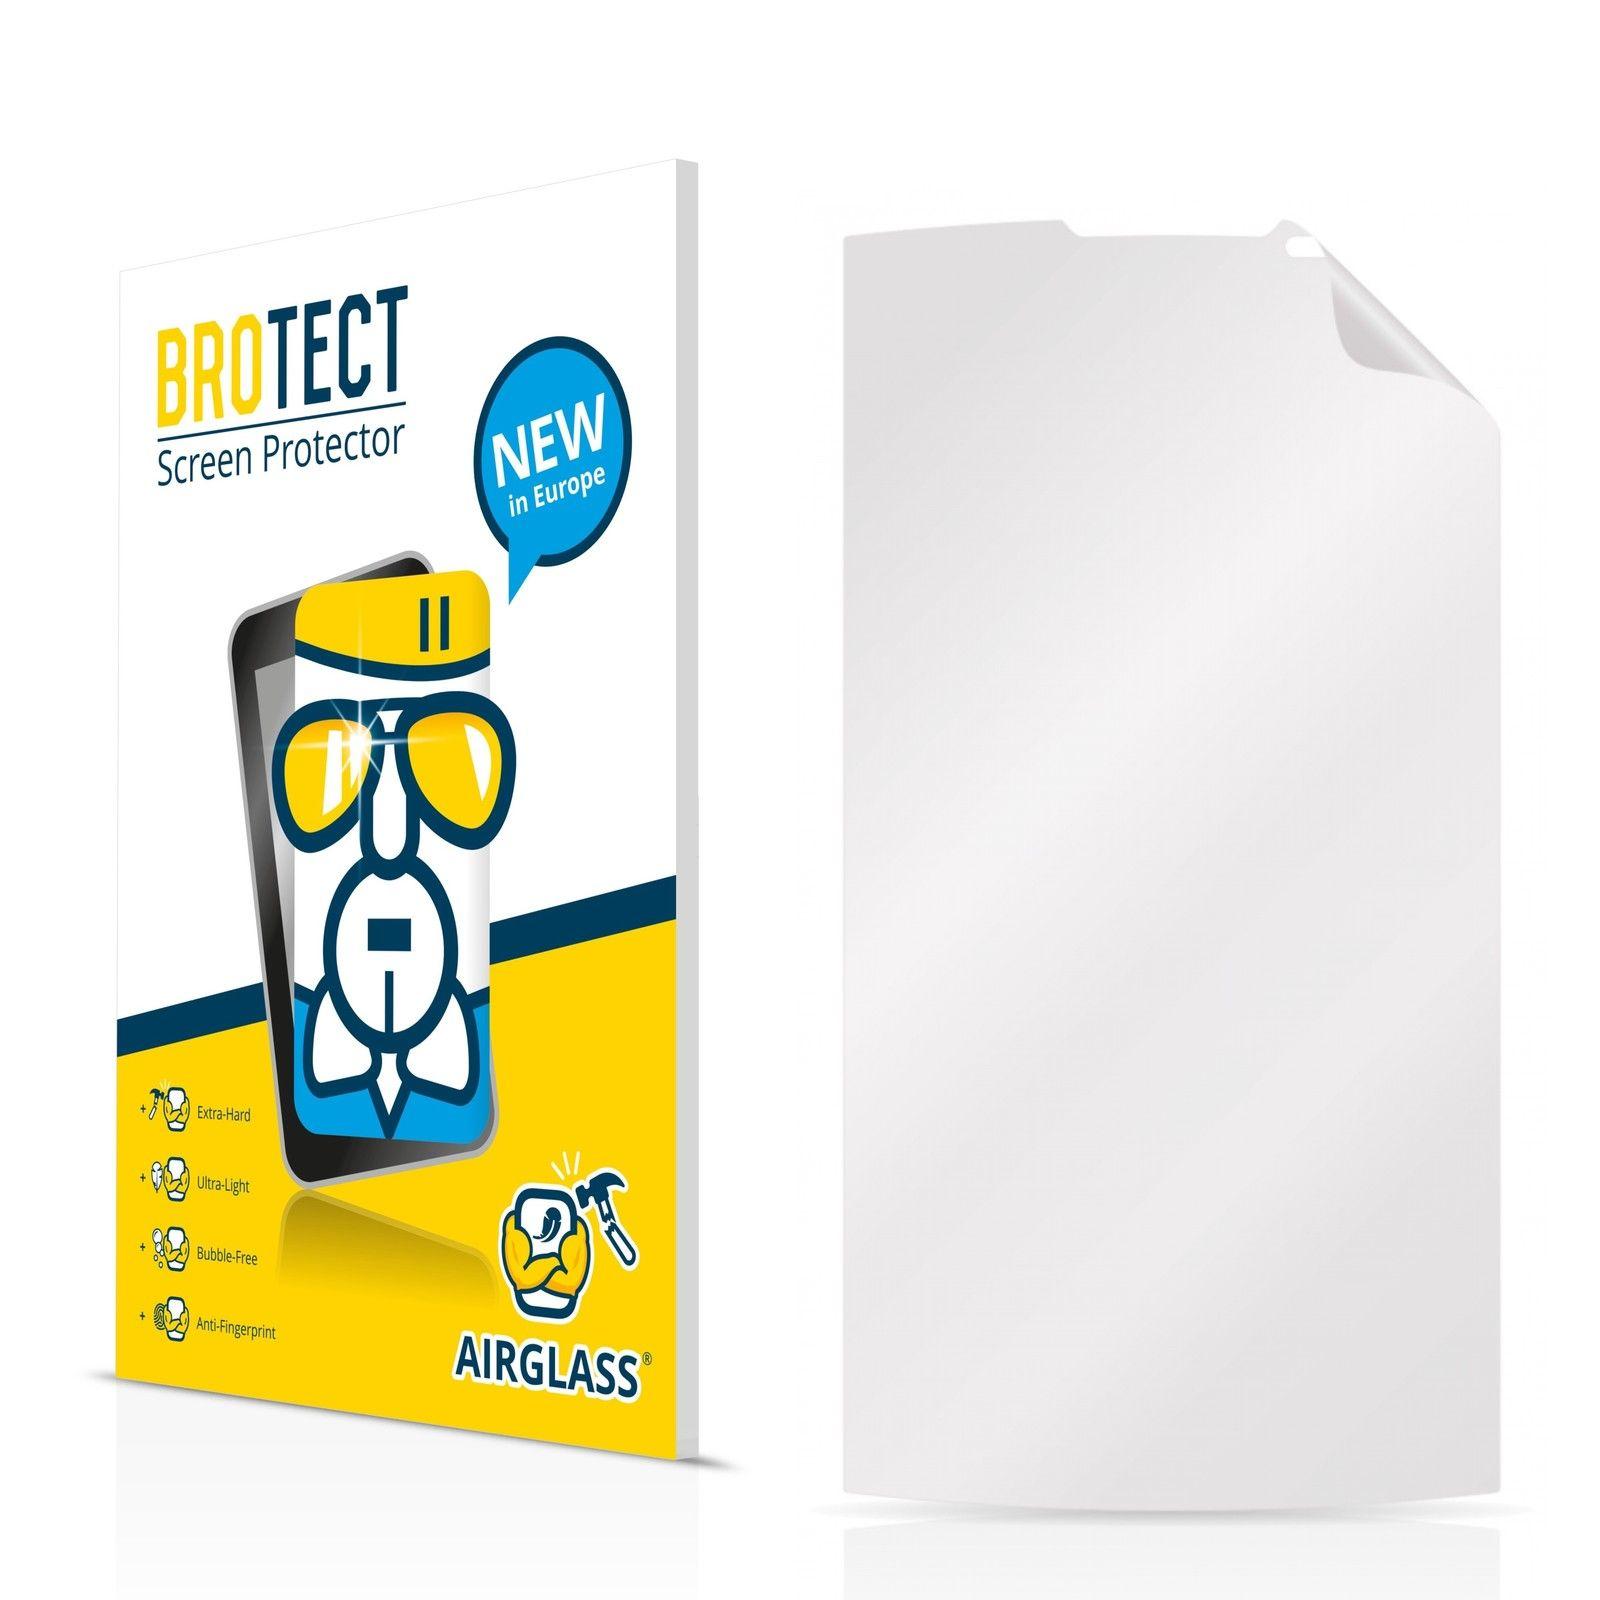 Extra tvrzená ochranná fólie (tvrzené sklo) AirGlass Brotec na LCD pro Prestigio MultiPhone 4500 DUO